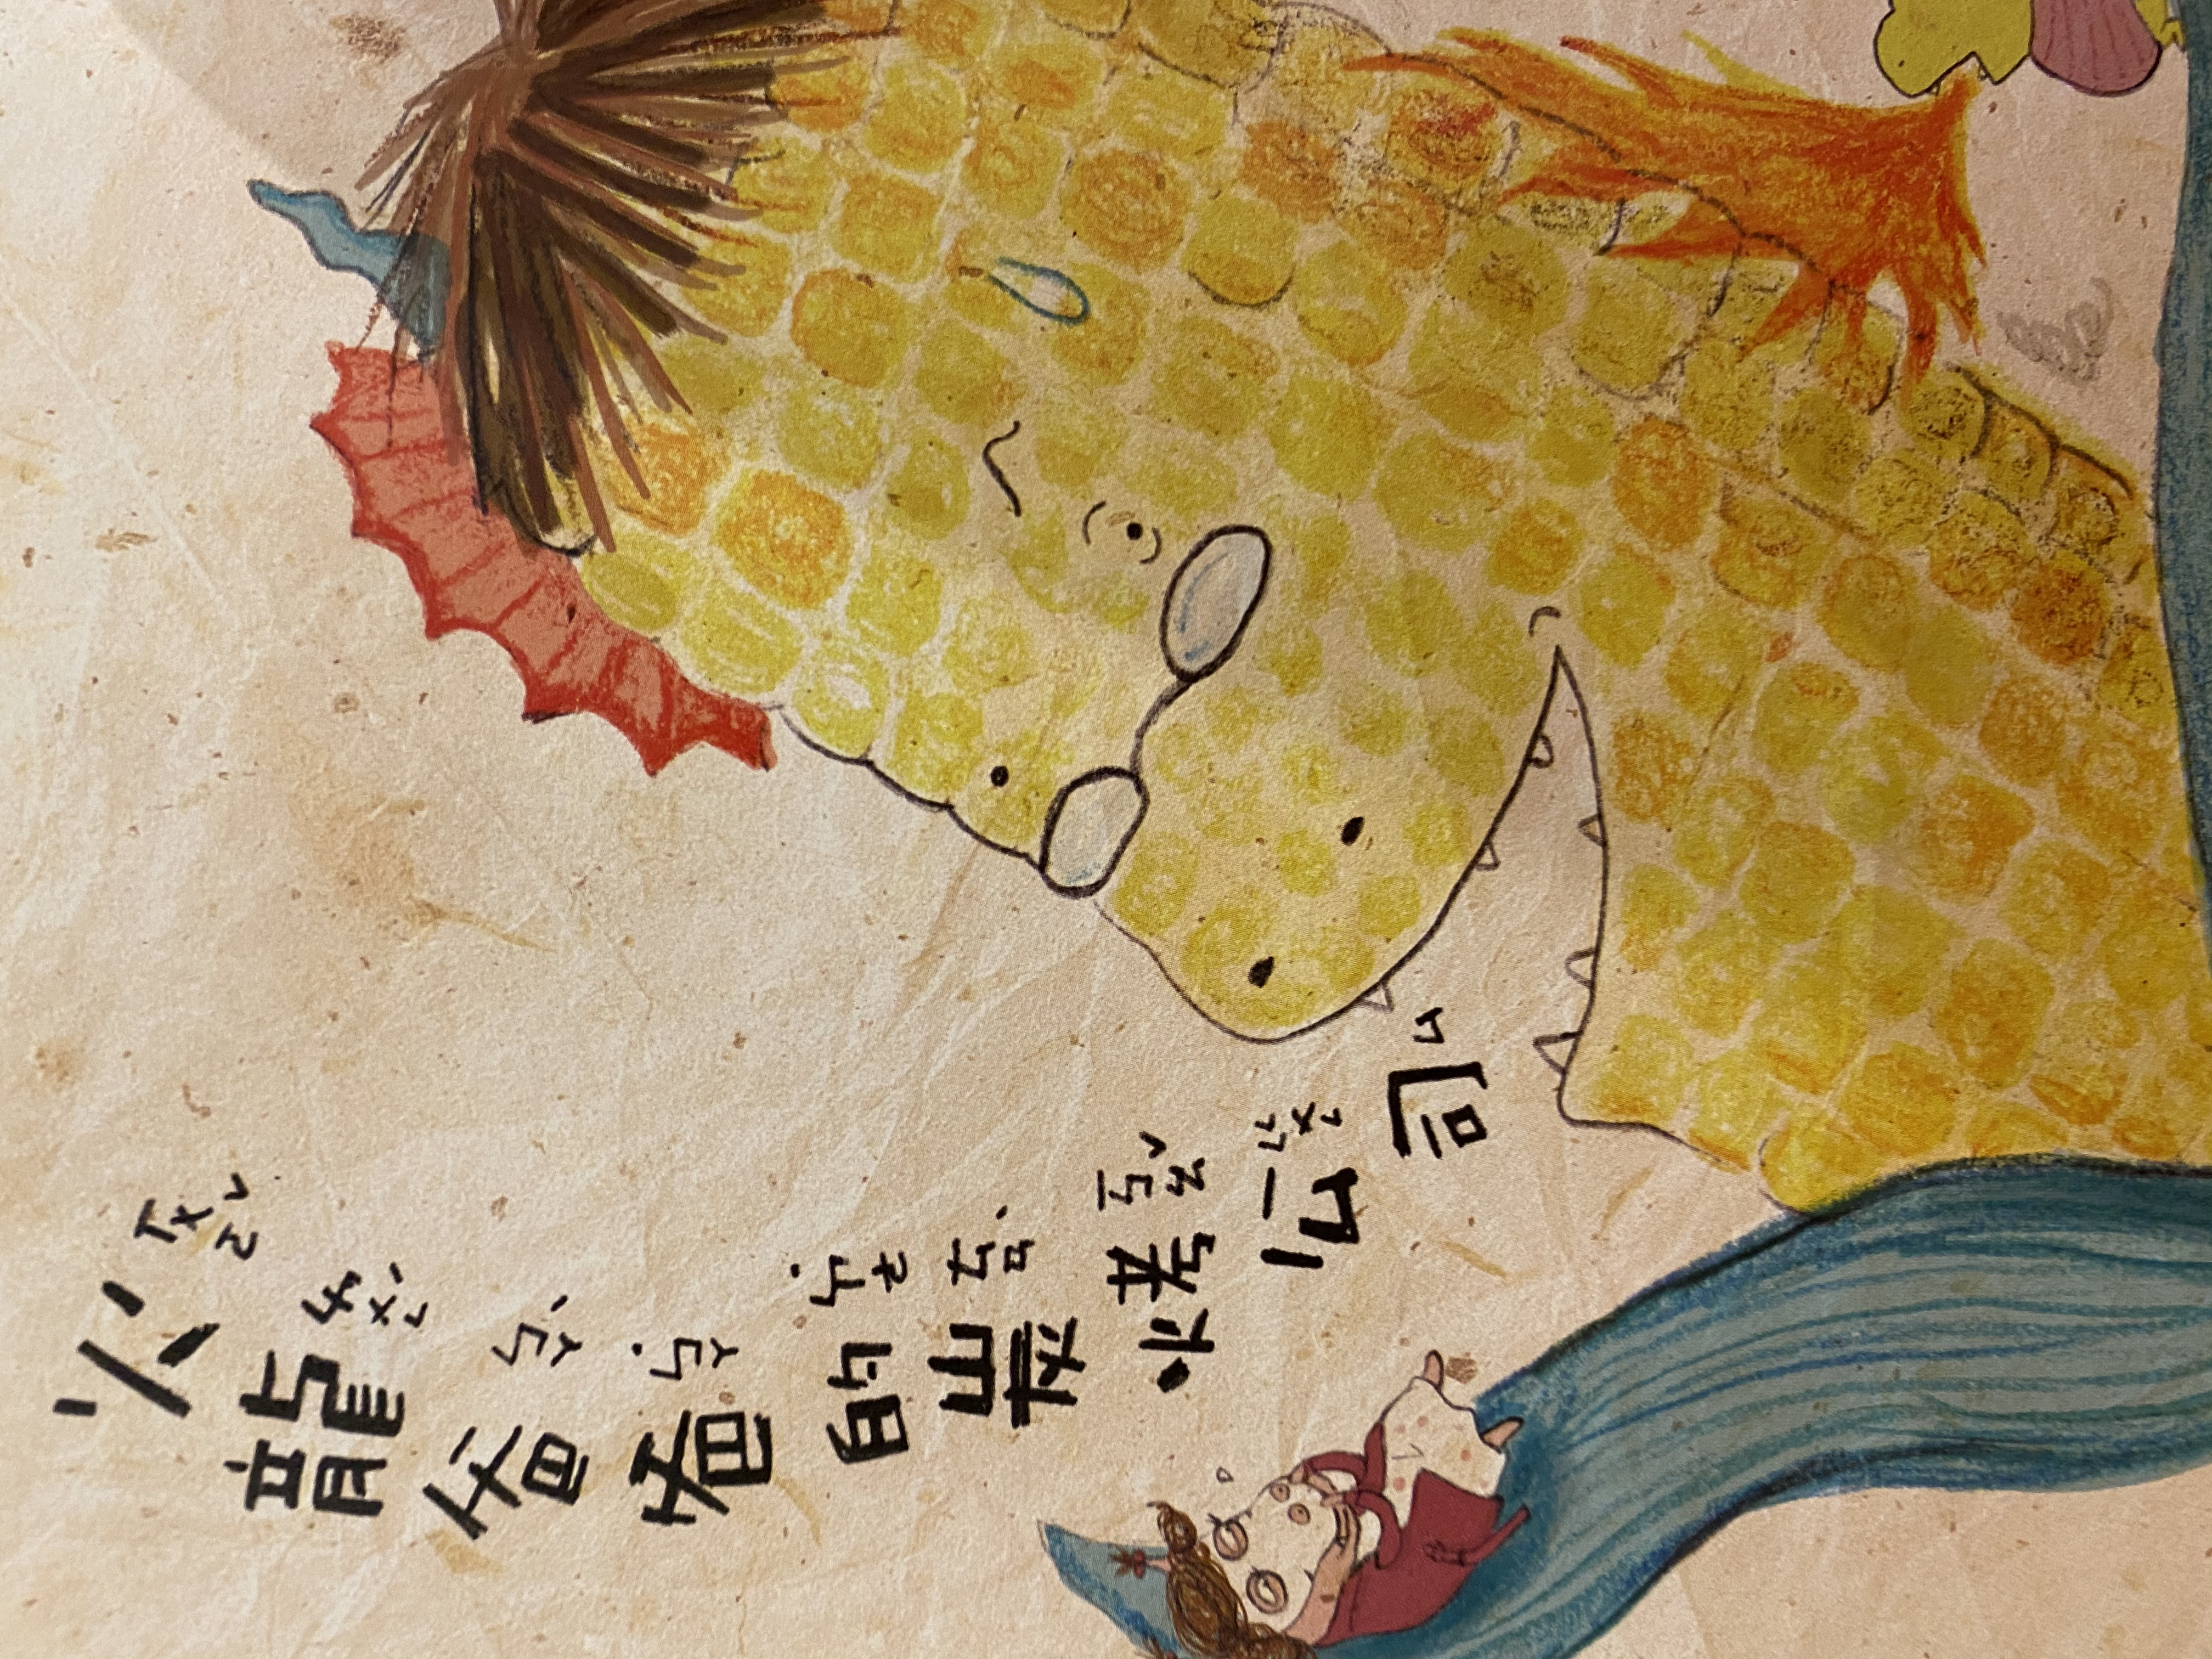 S2-010/火龍家庭故事集: 火龍爸爸的炭烤公司/ chapter 2/ 小火龍系列1/ 哲也 水腦/ 親子天下